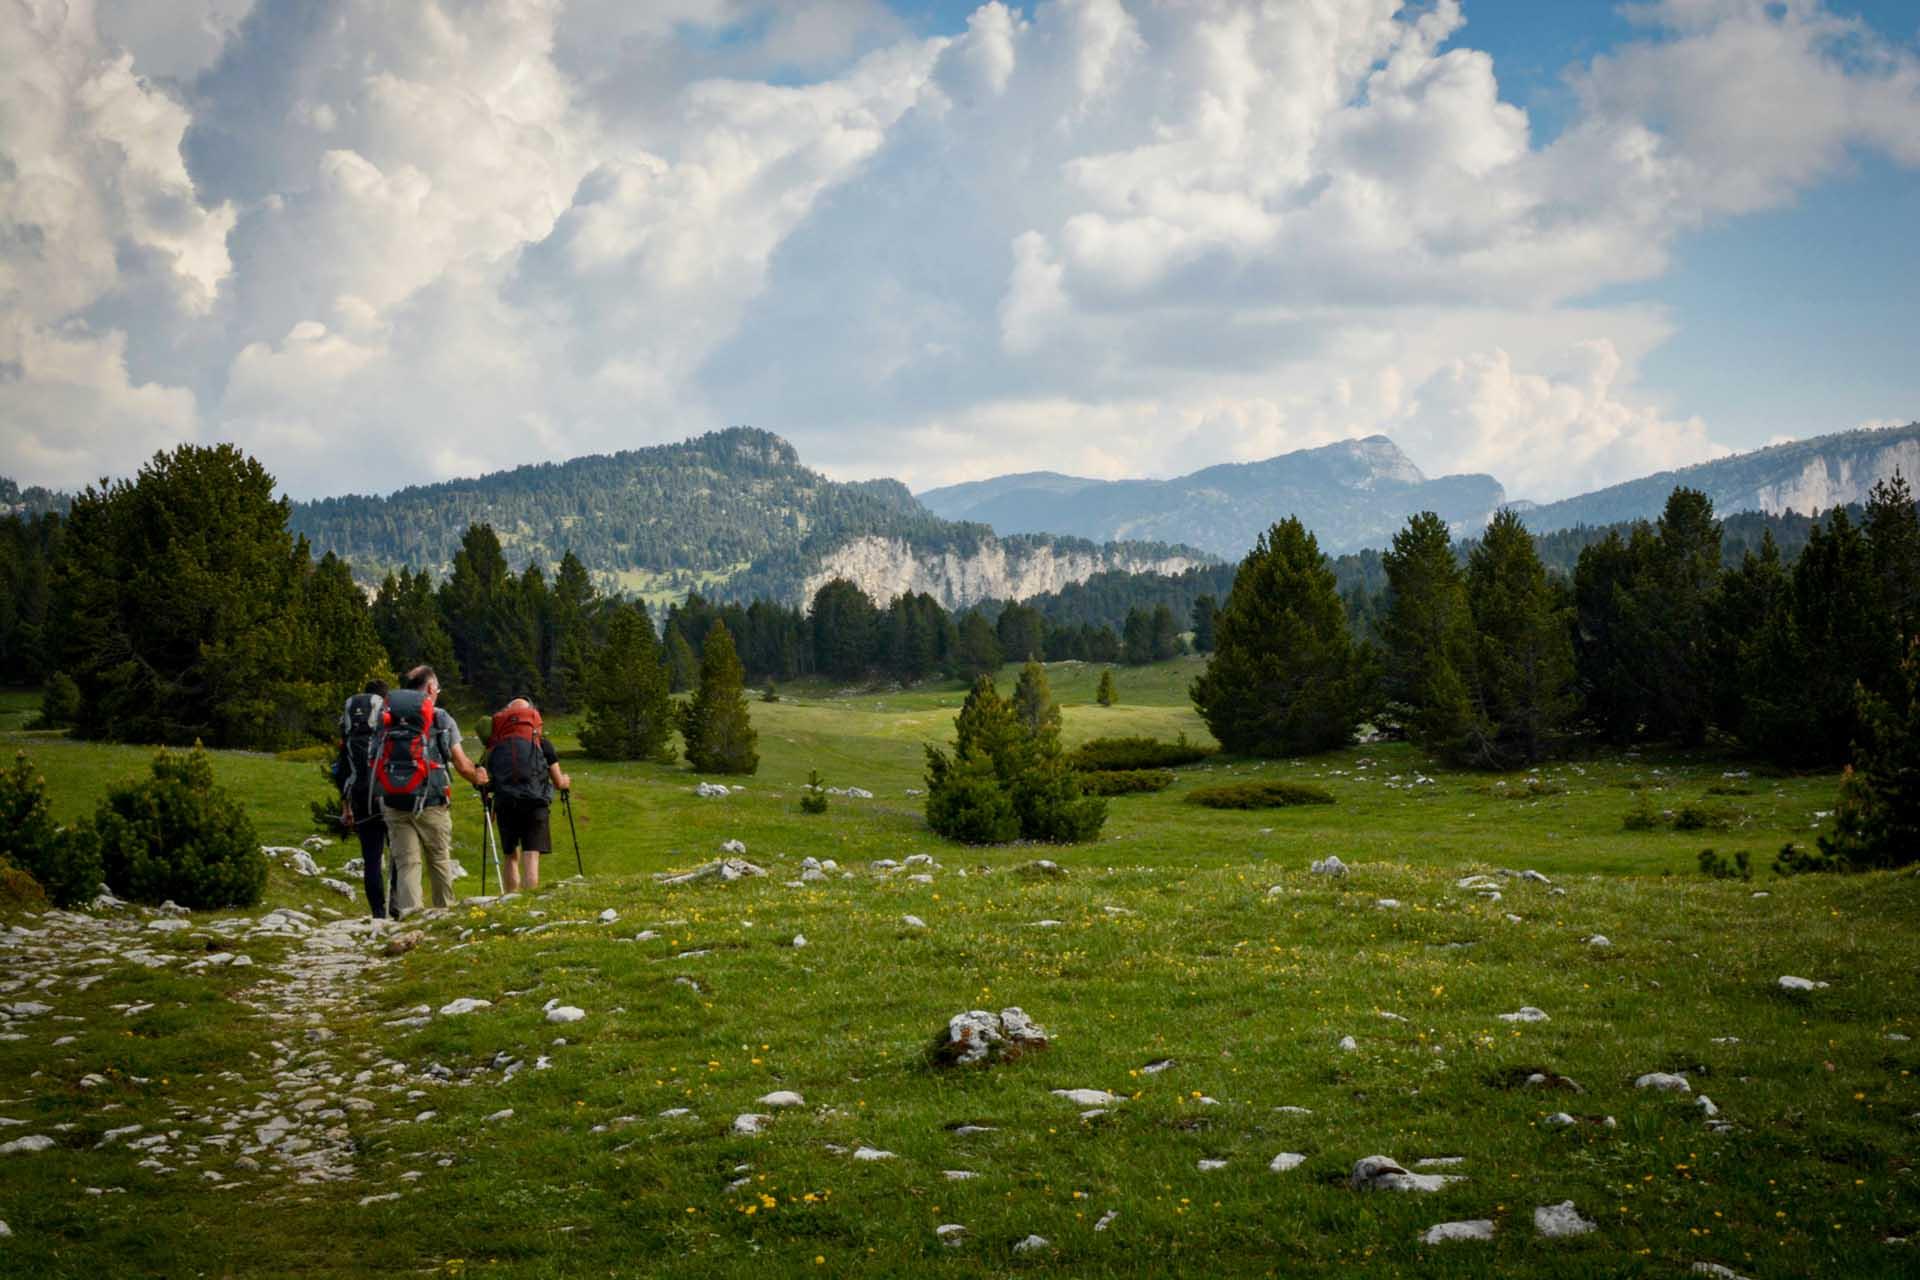 Slow Rando Sejour Liberte Decouverte Bivouac Hauts Plateaux Vercors Mont Aiguille Pre Peyret